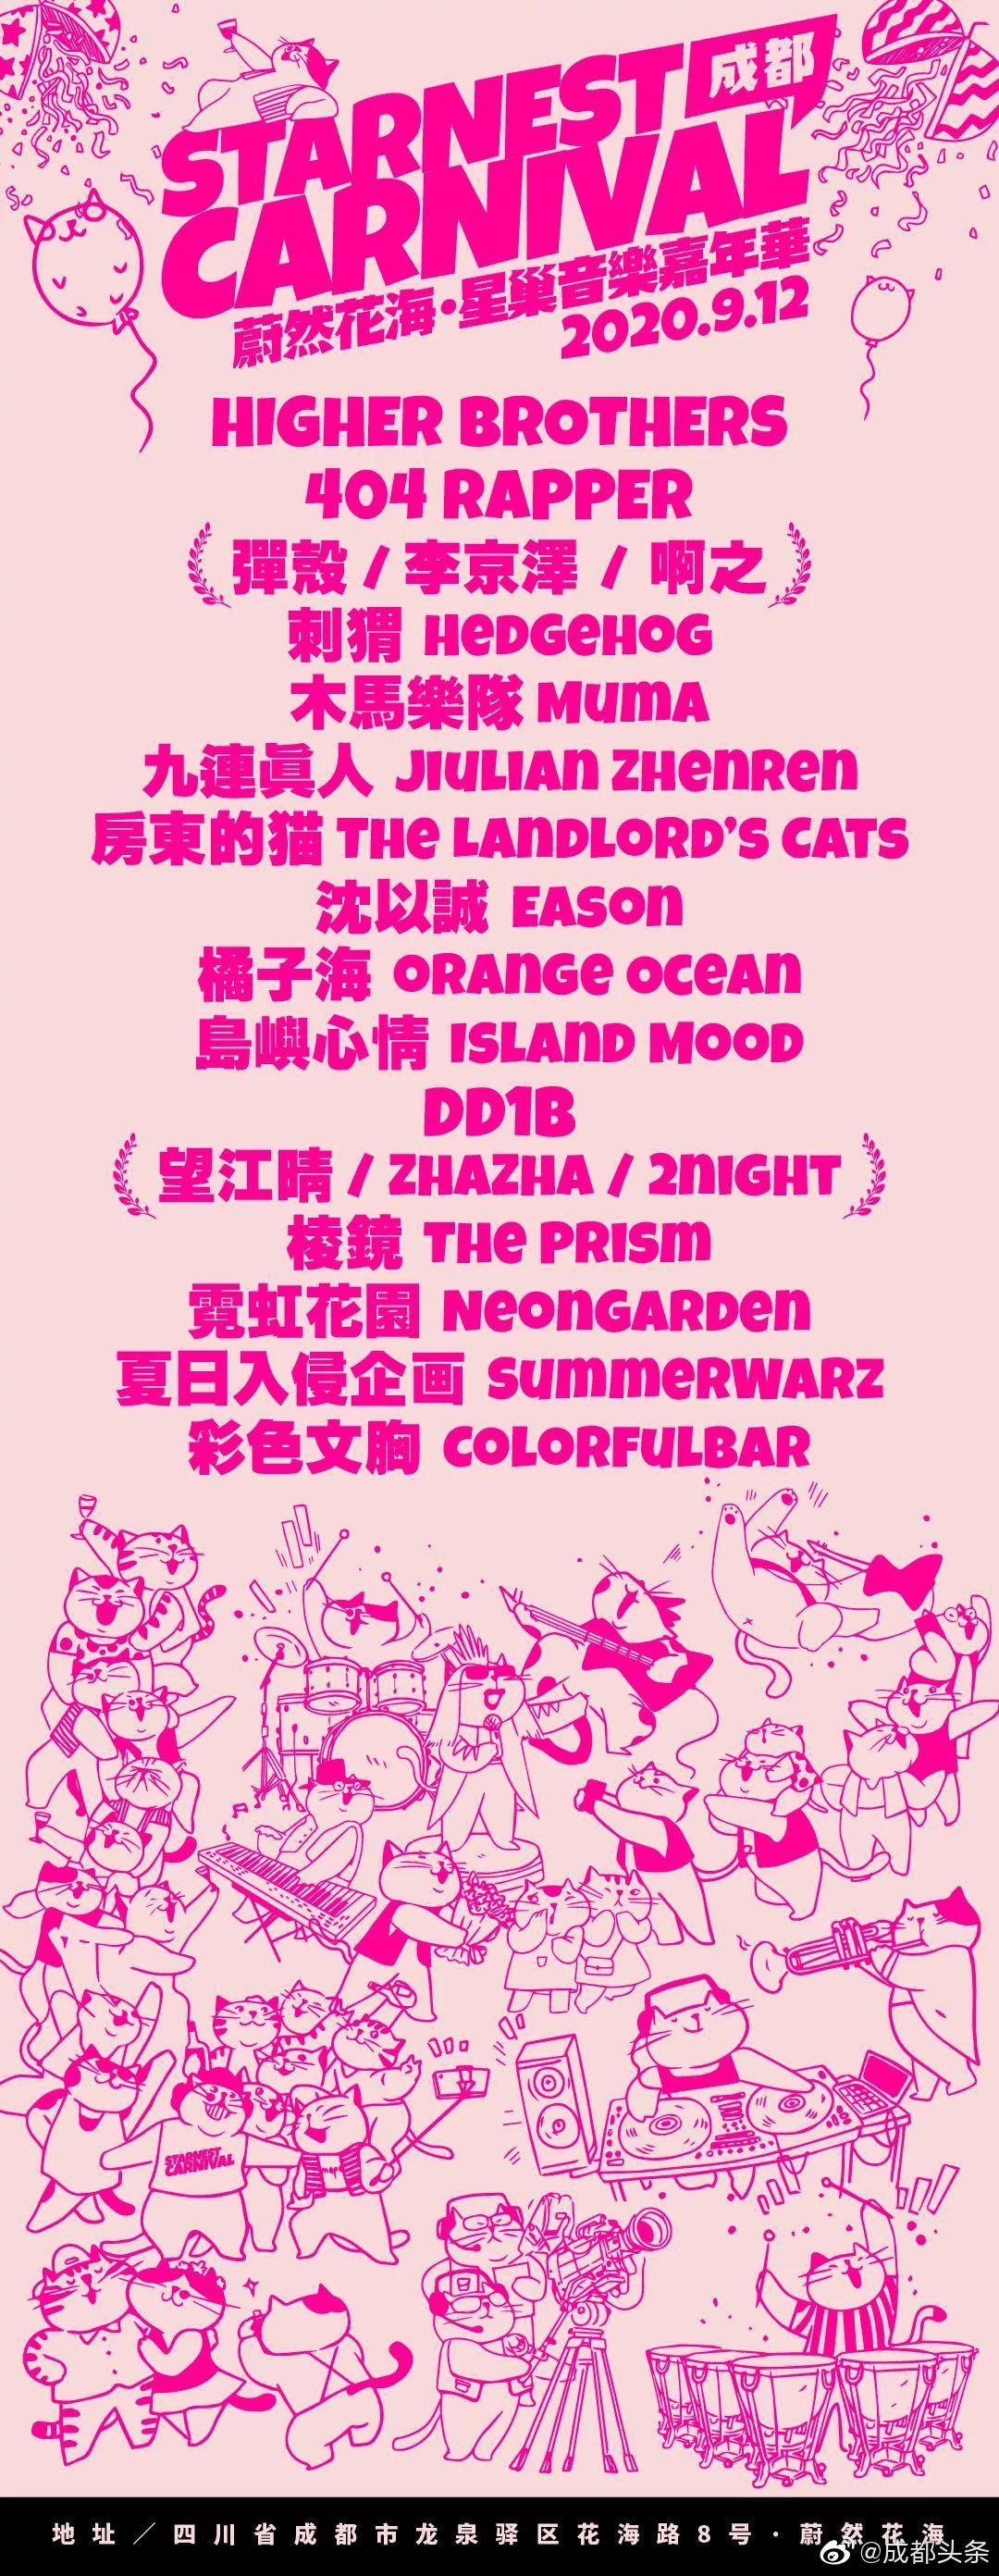 要来啦! 9月成都唯一大型音乐现场—蔚然花海·星巢音乐嘉年华……